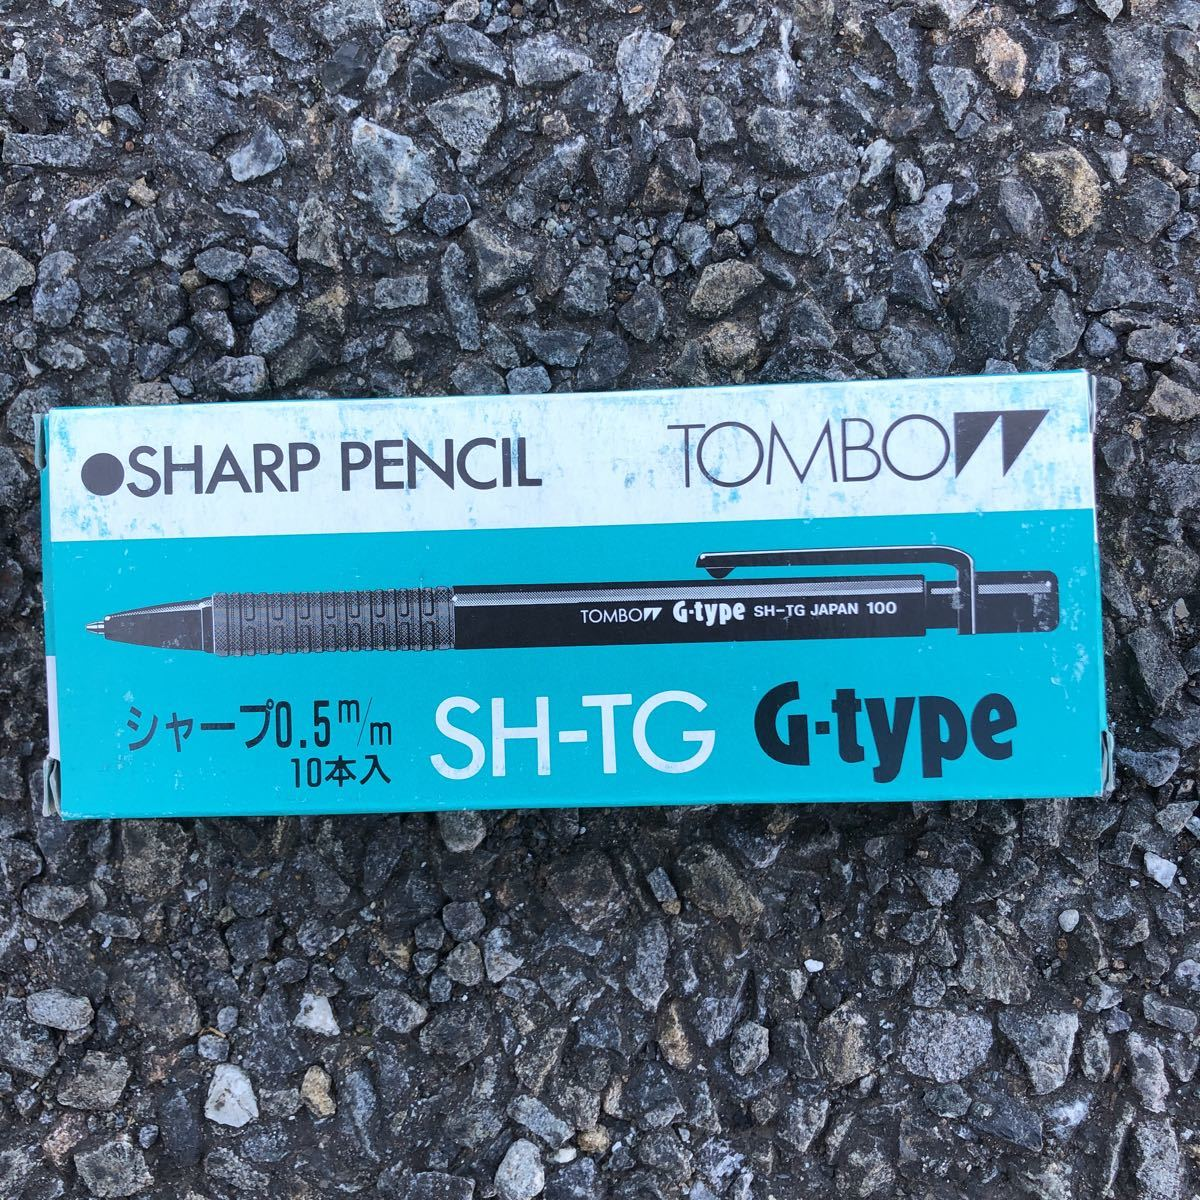 送料無料【未使用】トンボ鉛筆 SH-TG G-type 廃盤 廃番 10本入 デッドストック シャープペンシル 0.5mm ピンク_画像1